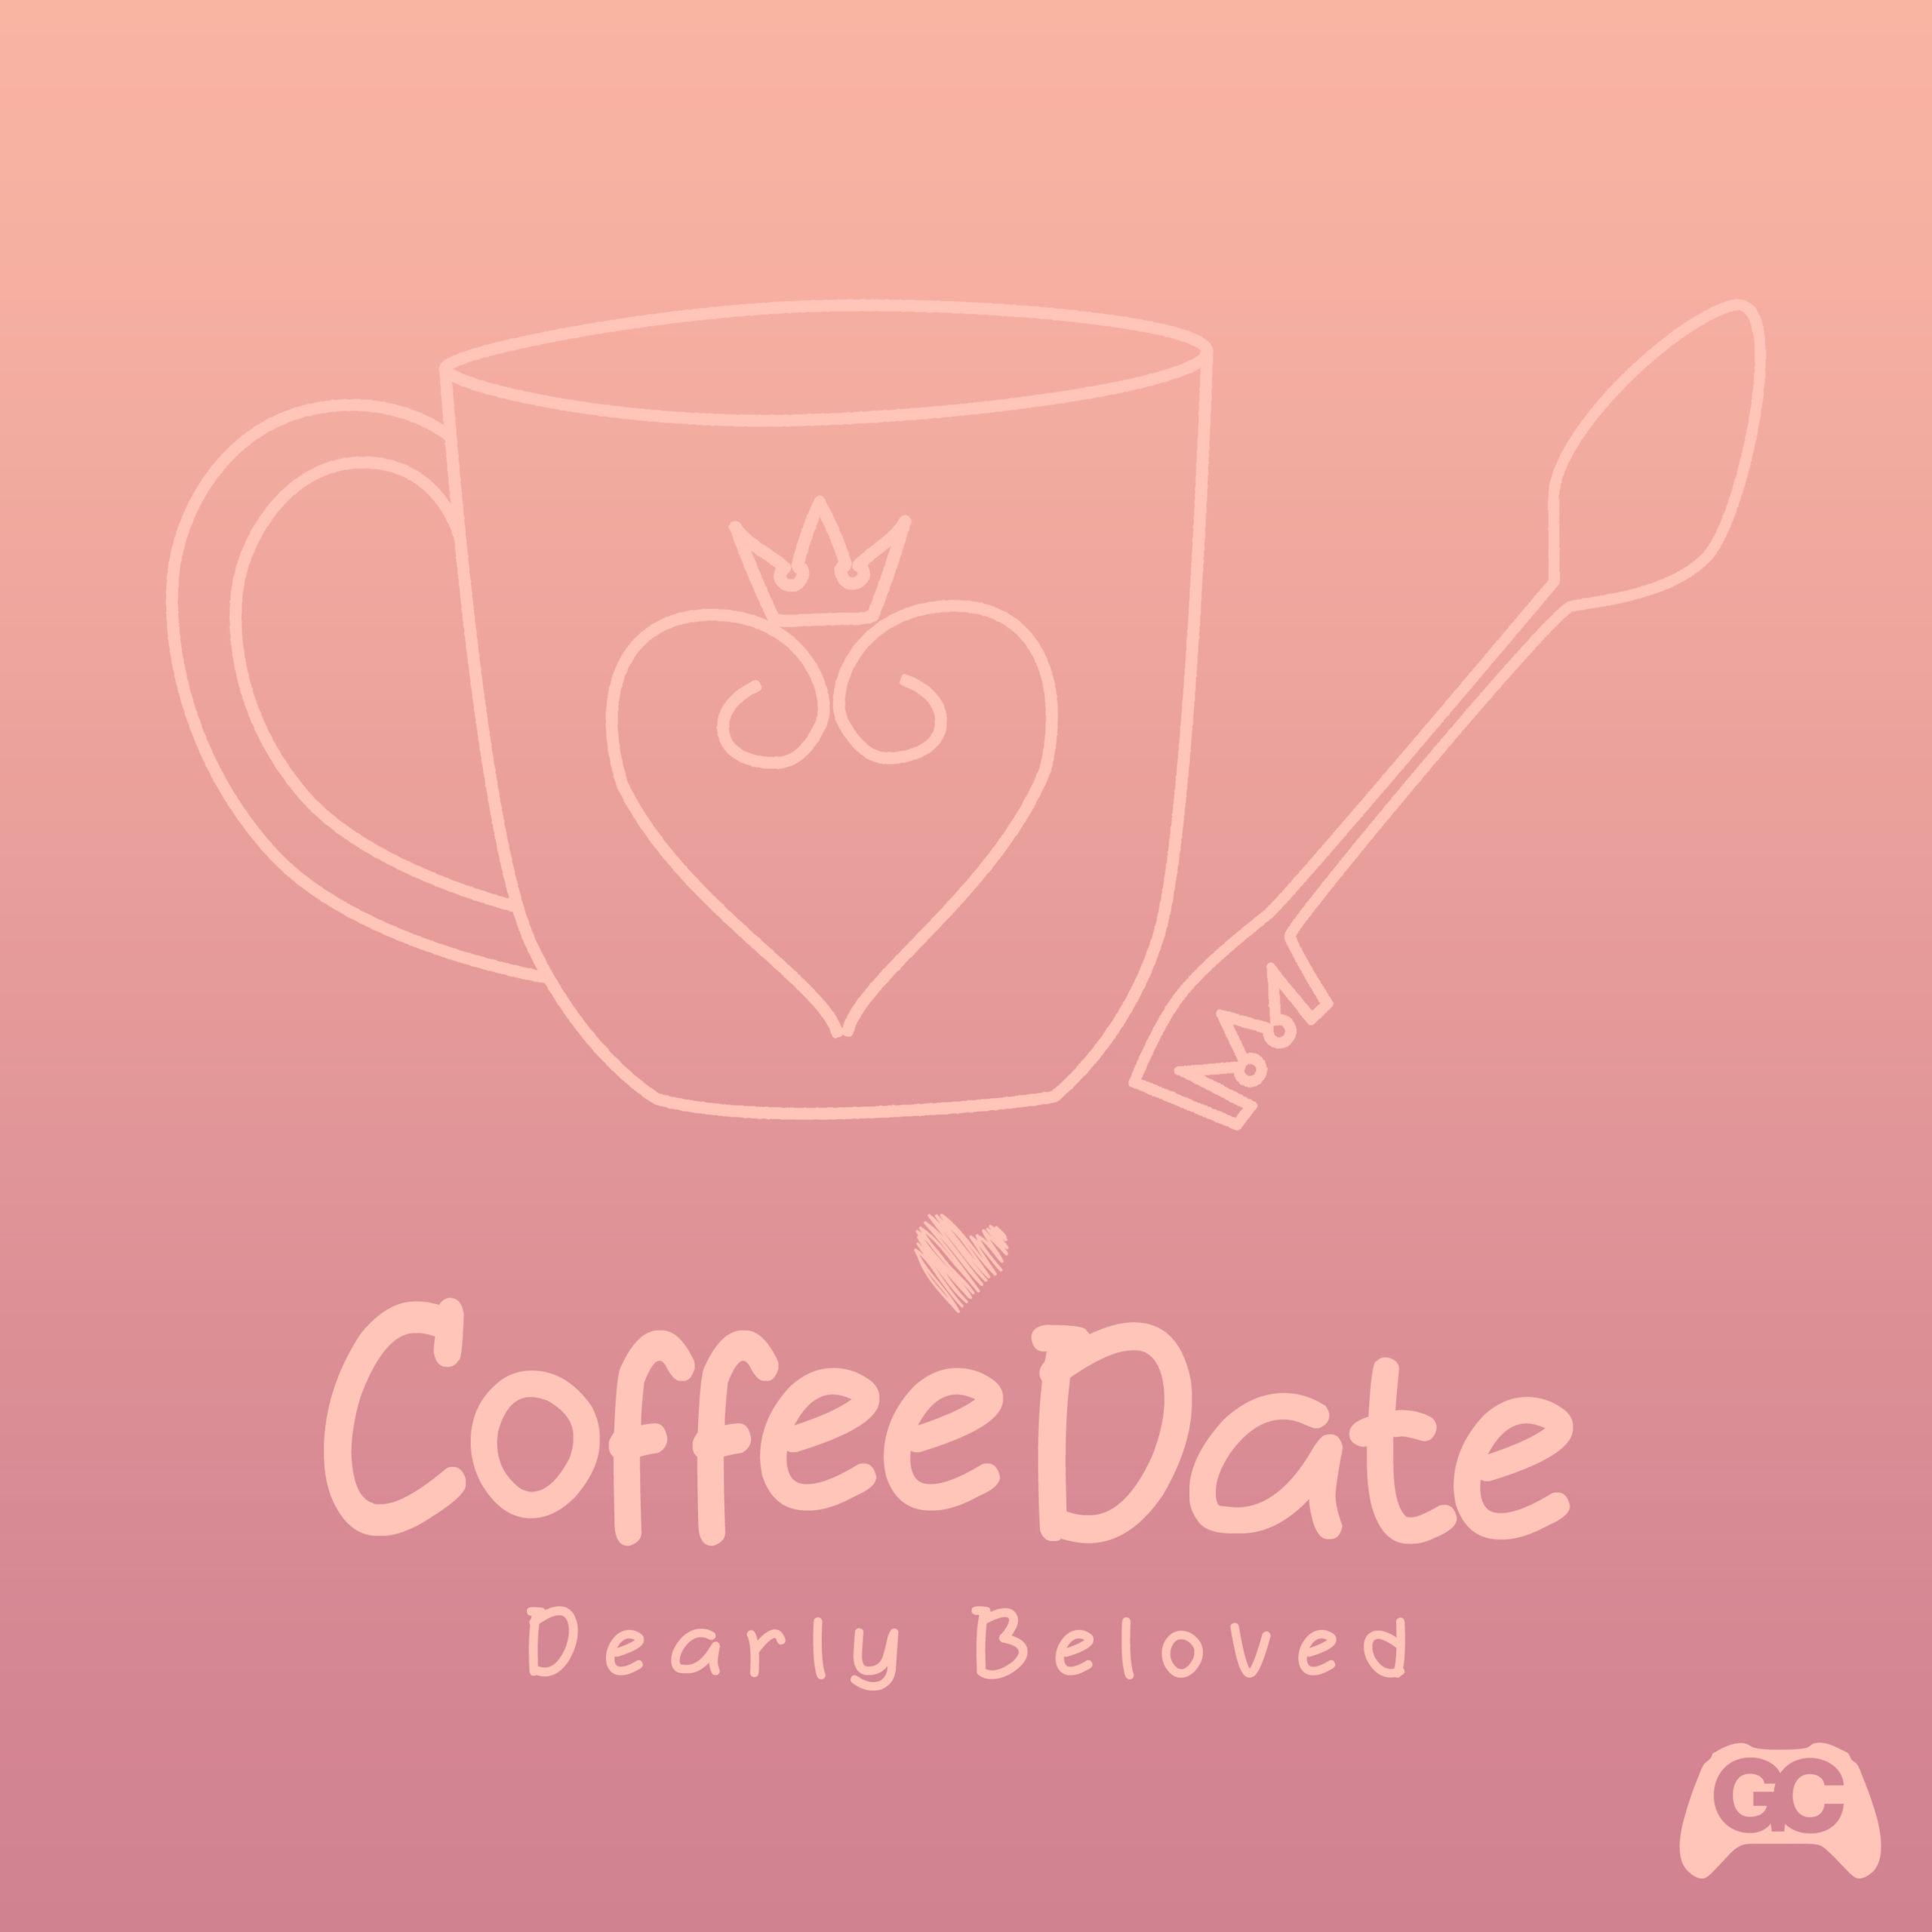 Dearly Beloved – Coffee Date